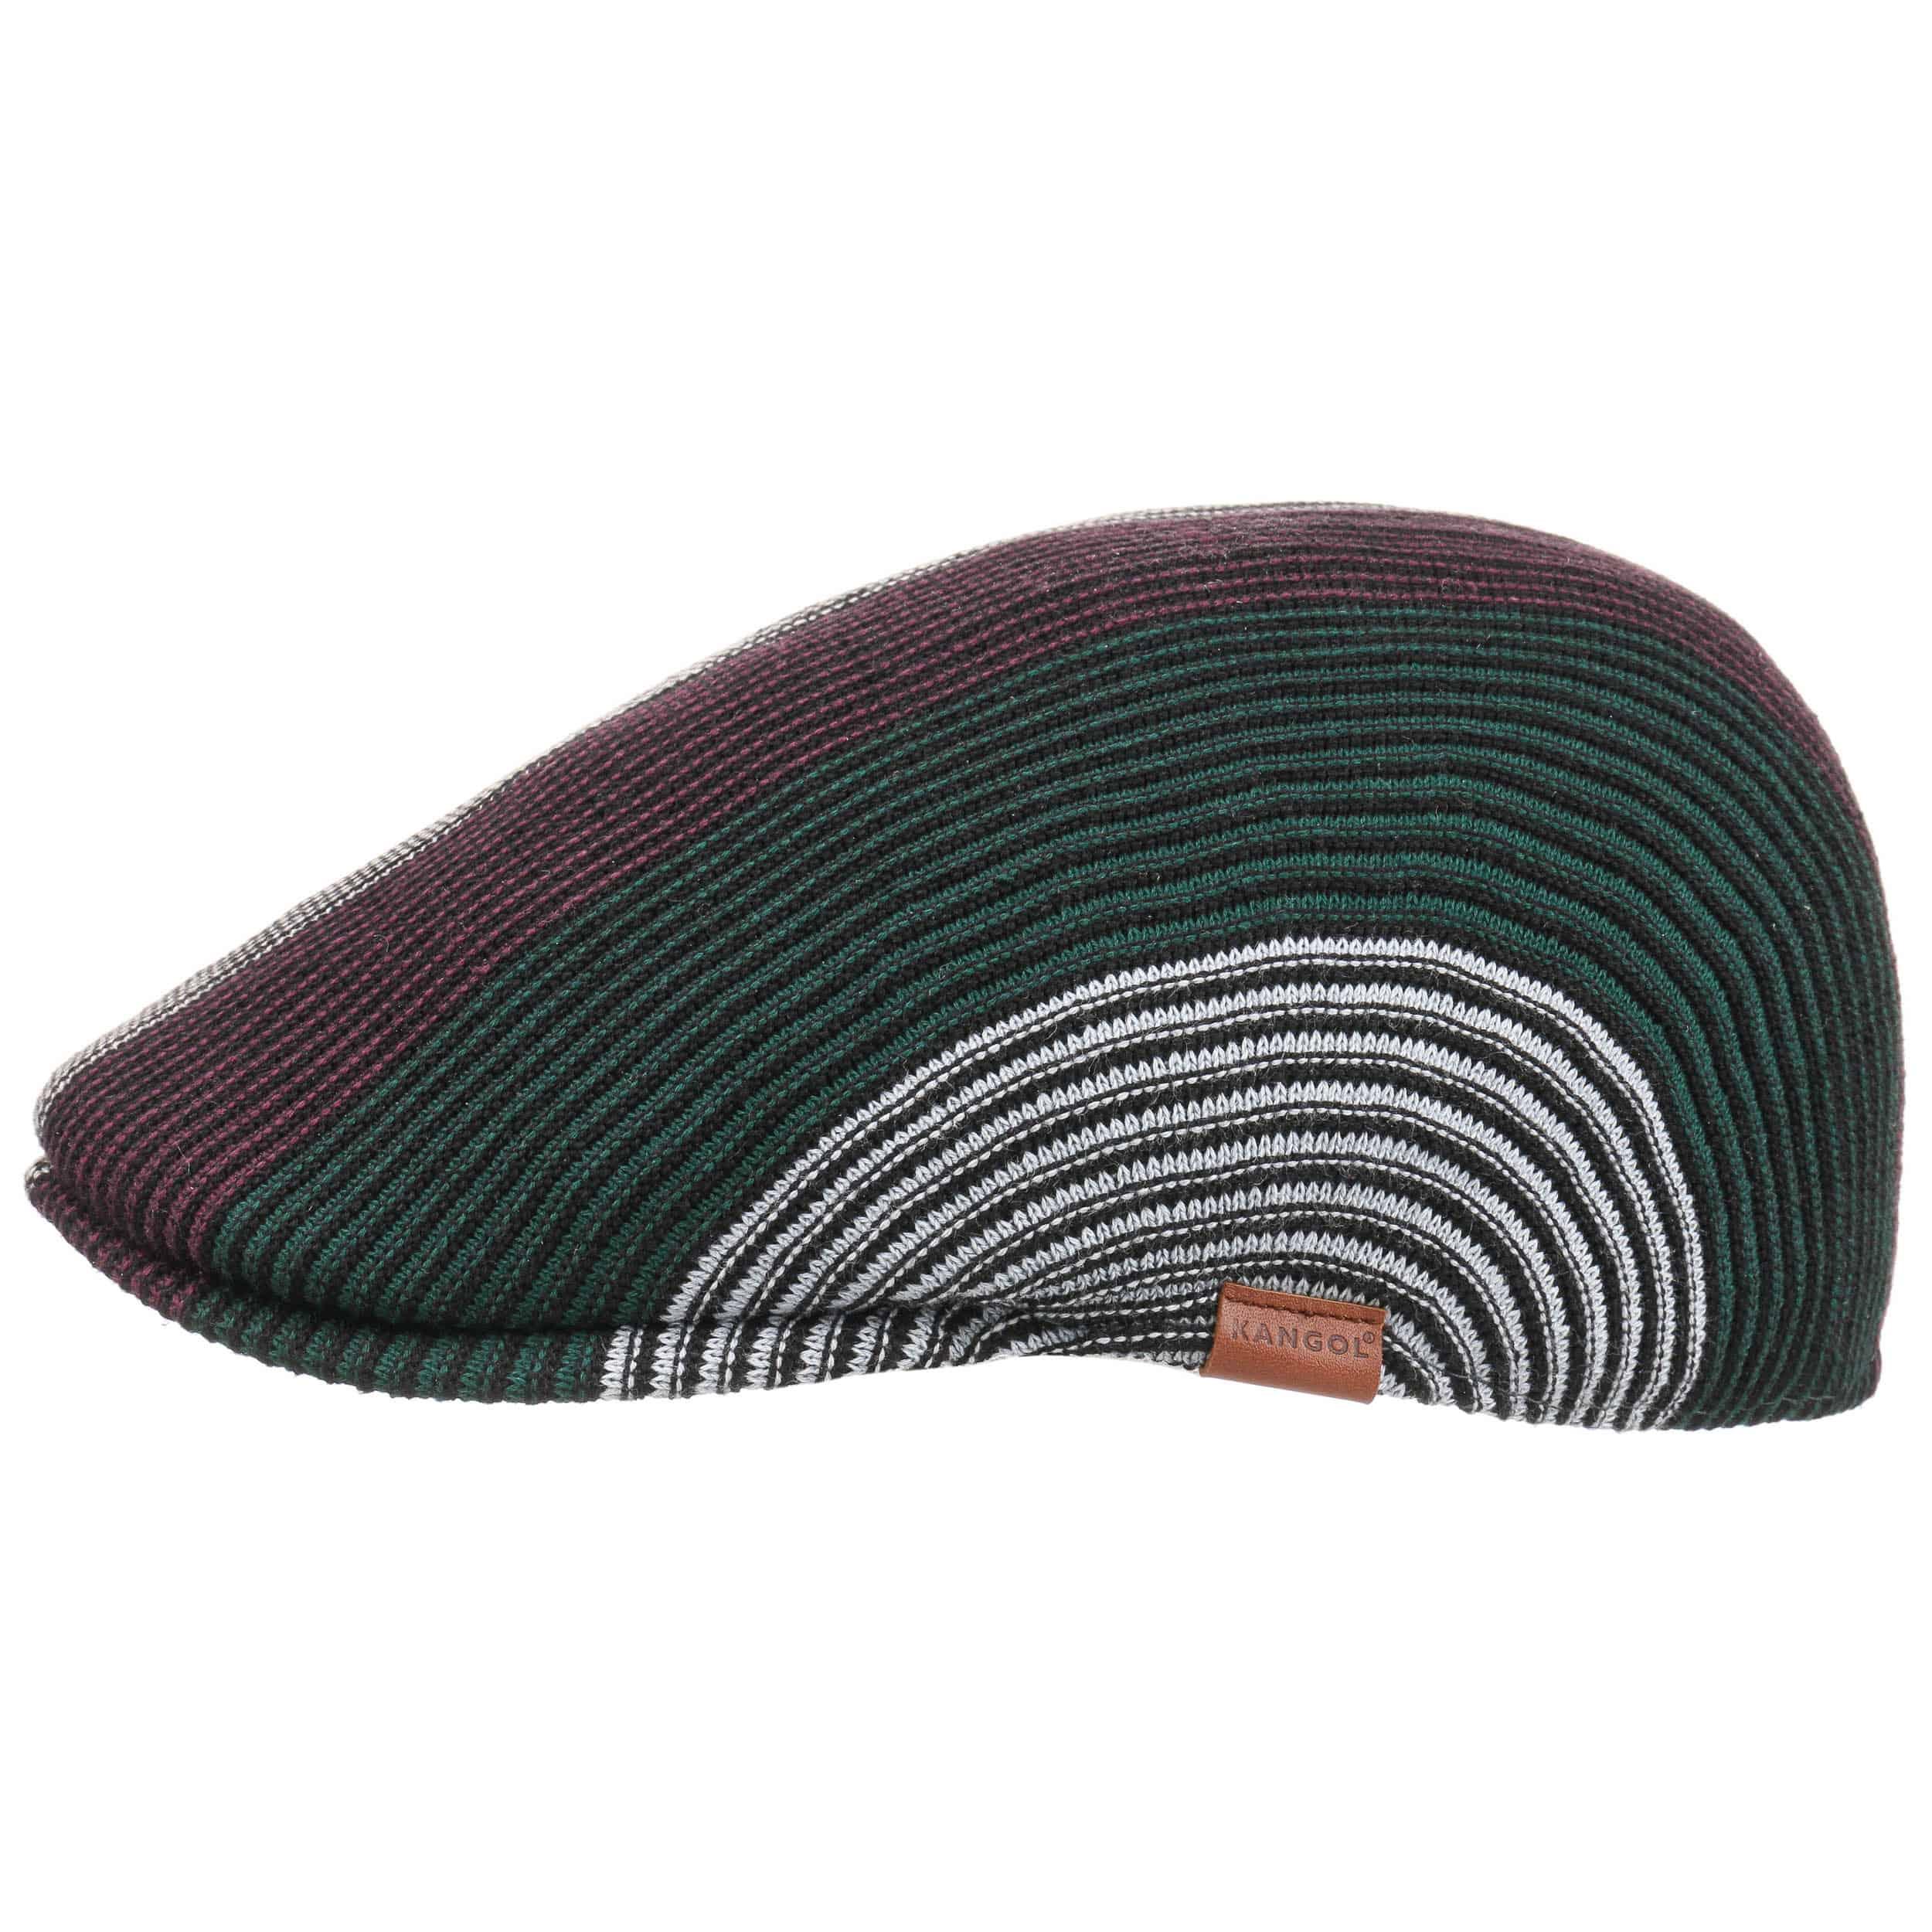 ... Conduit Stripe 507 Flat Cap by Kangol - purple 5 8061dc4ab95